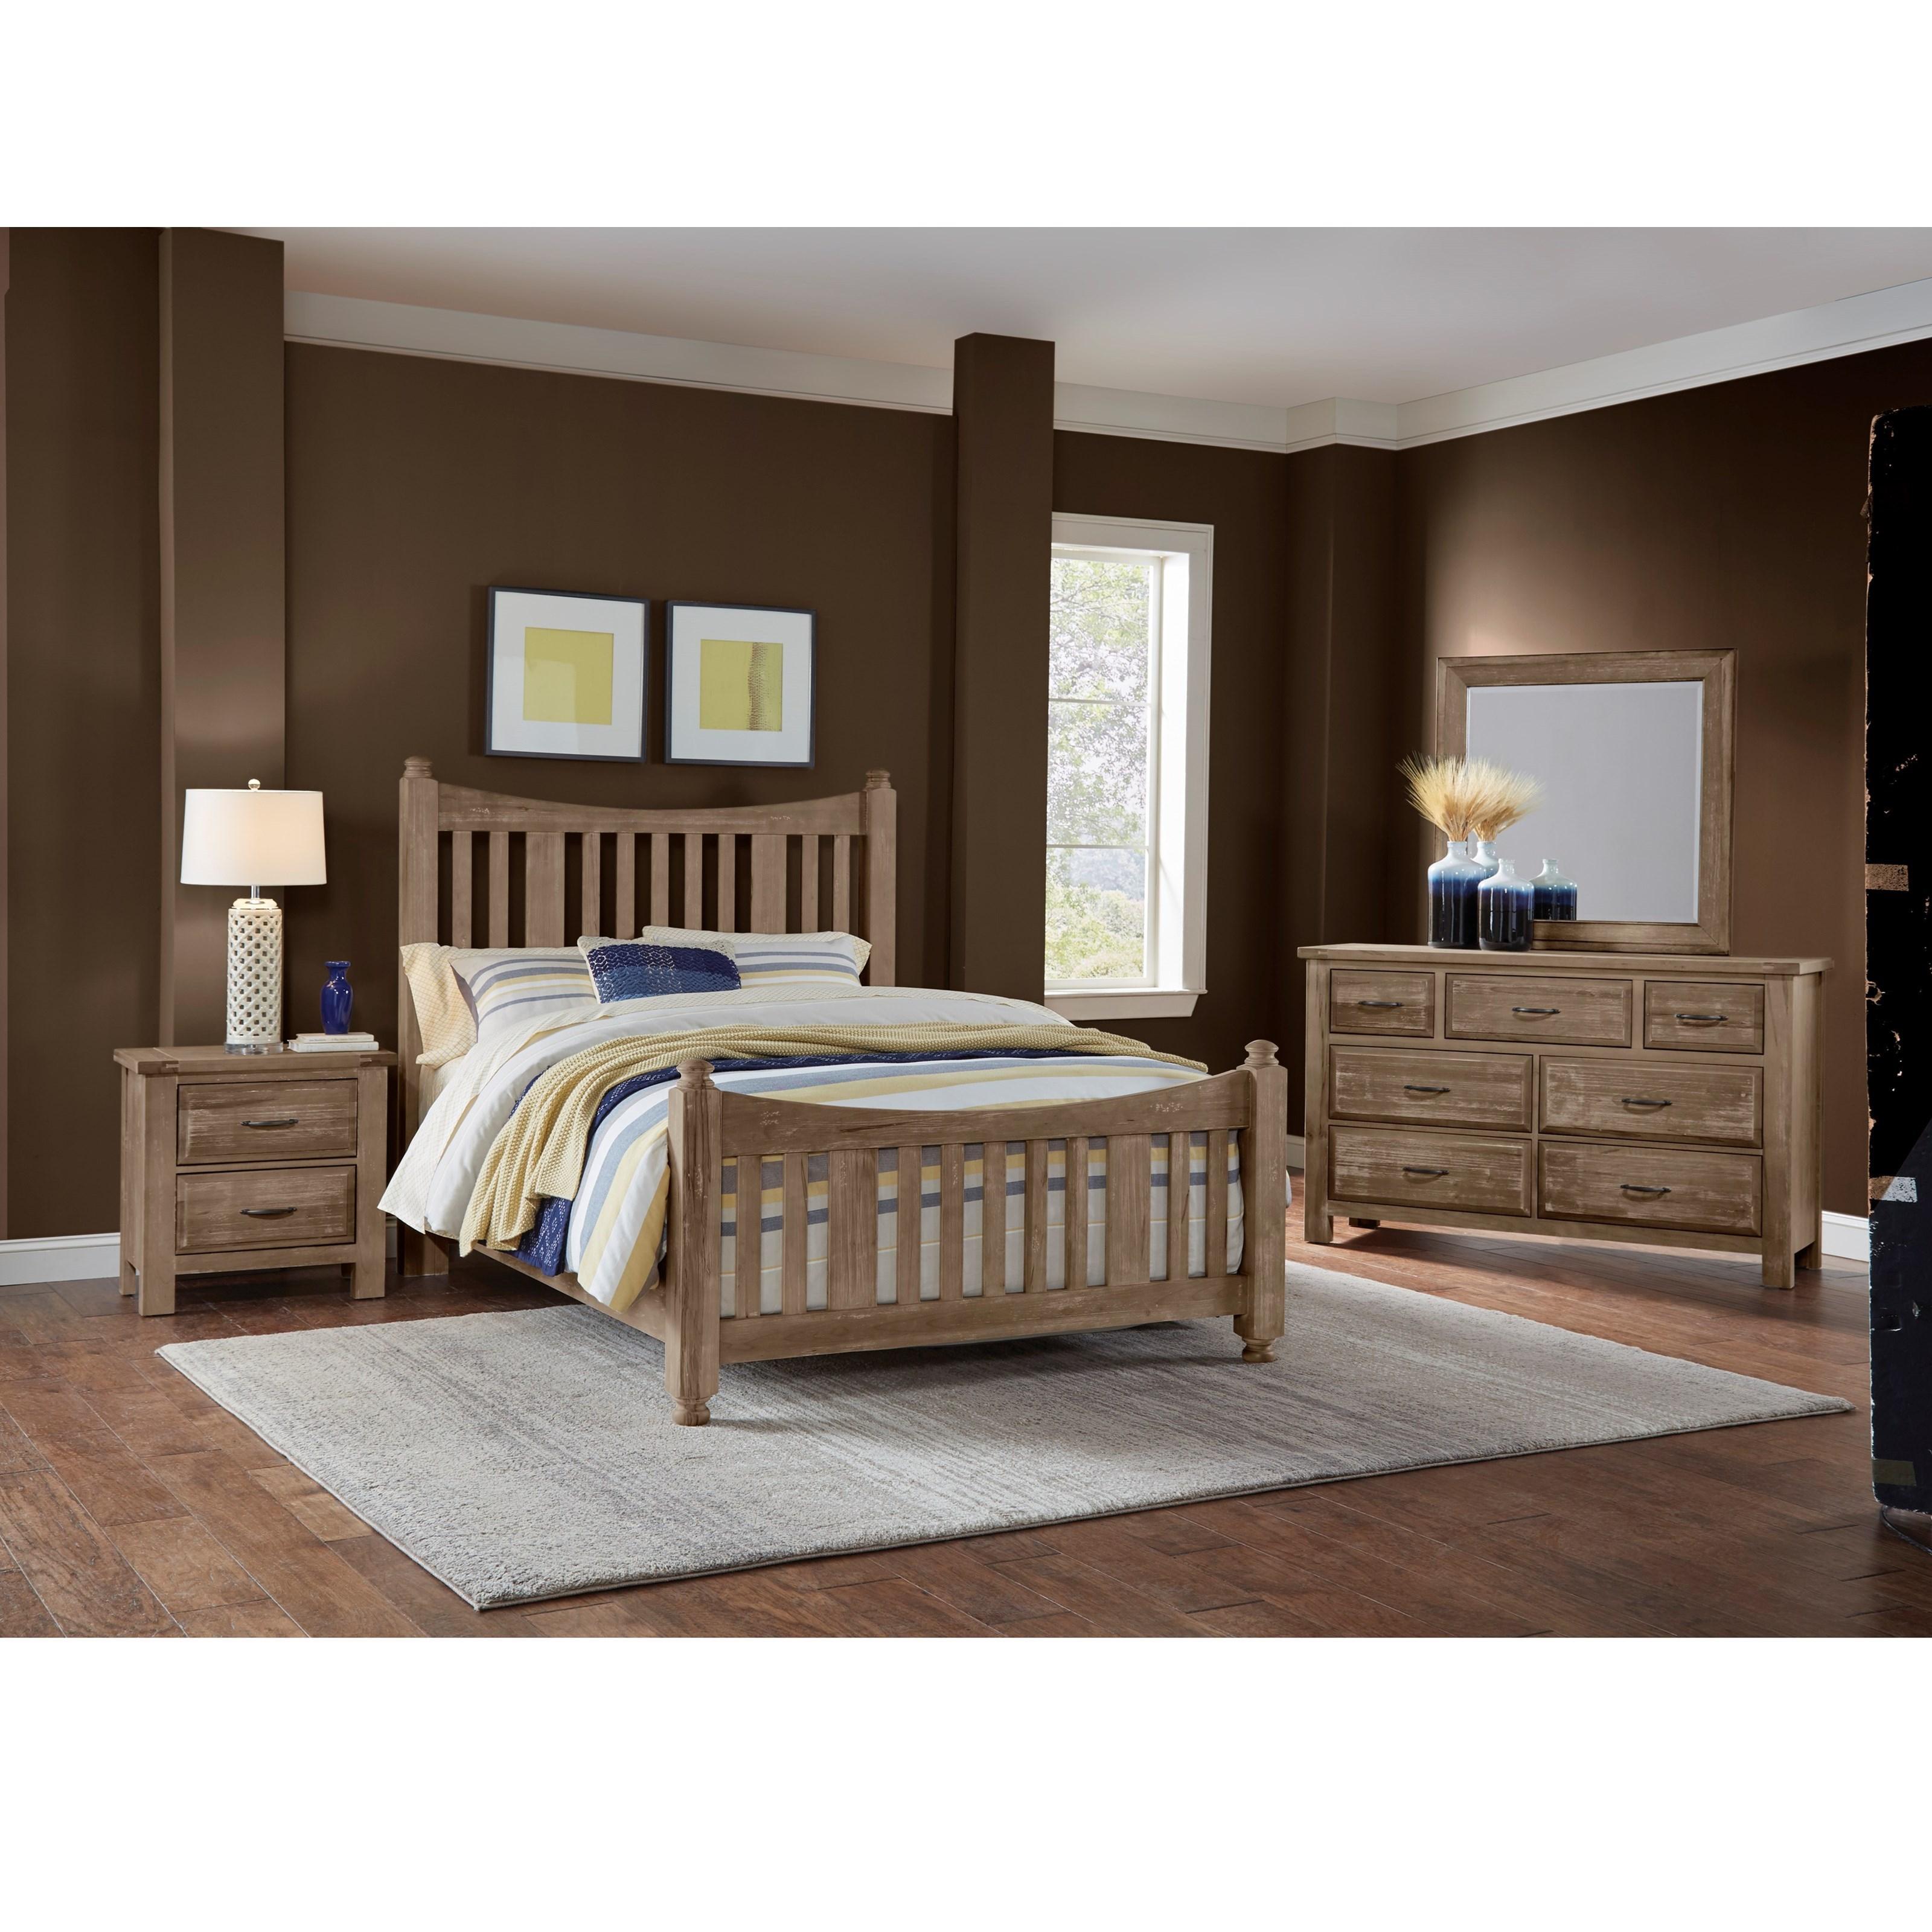 Artisan post maple road king bedroom group belfort for Furniture kings road